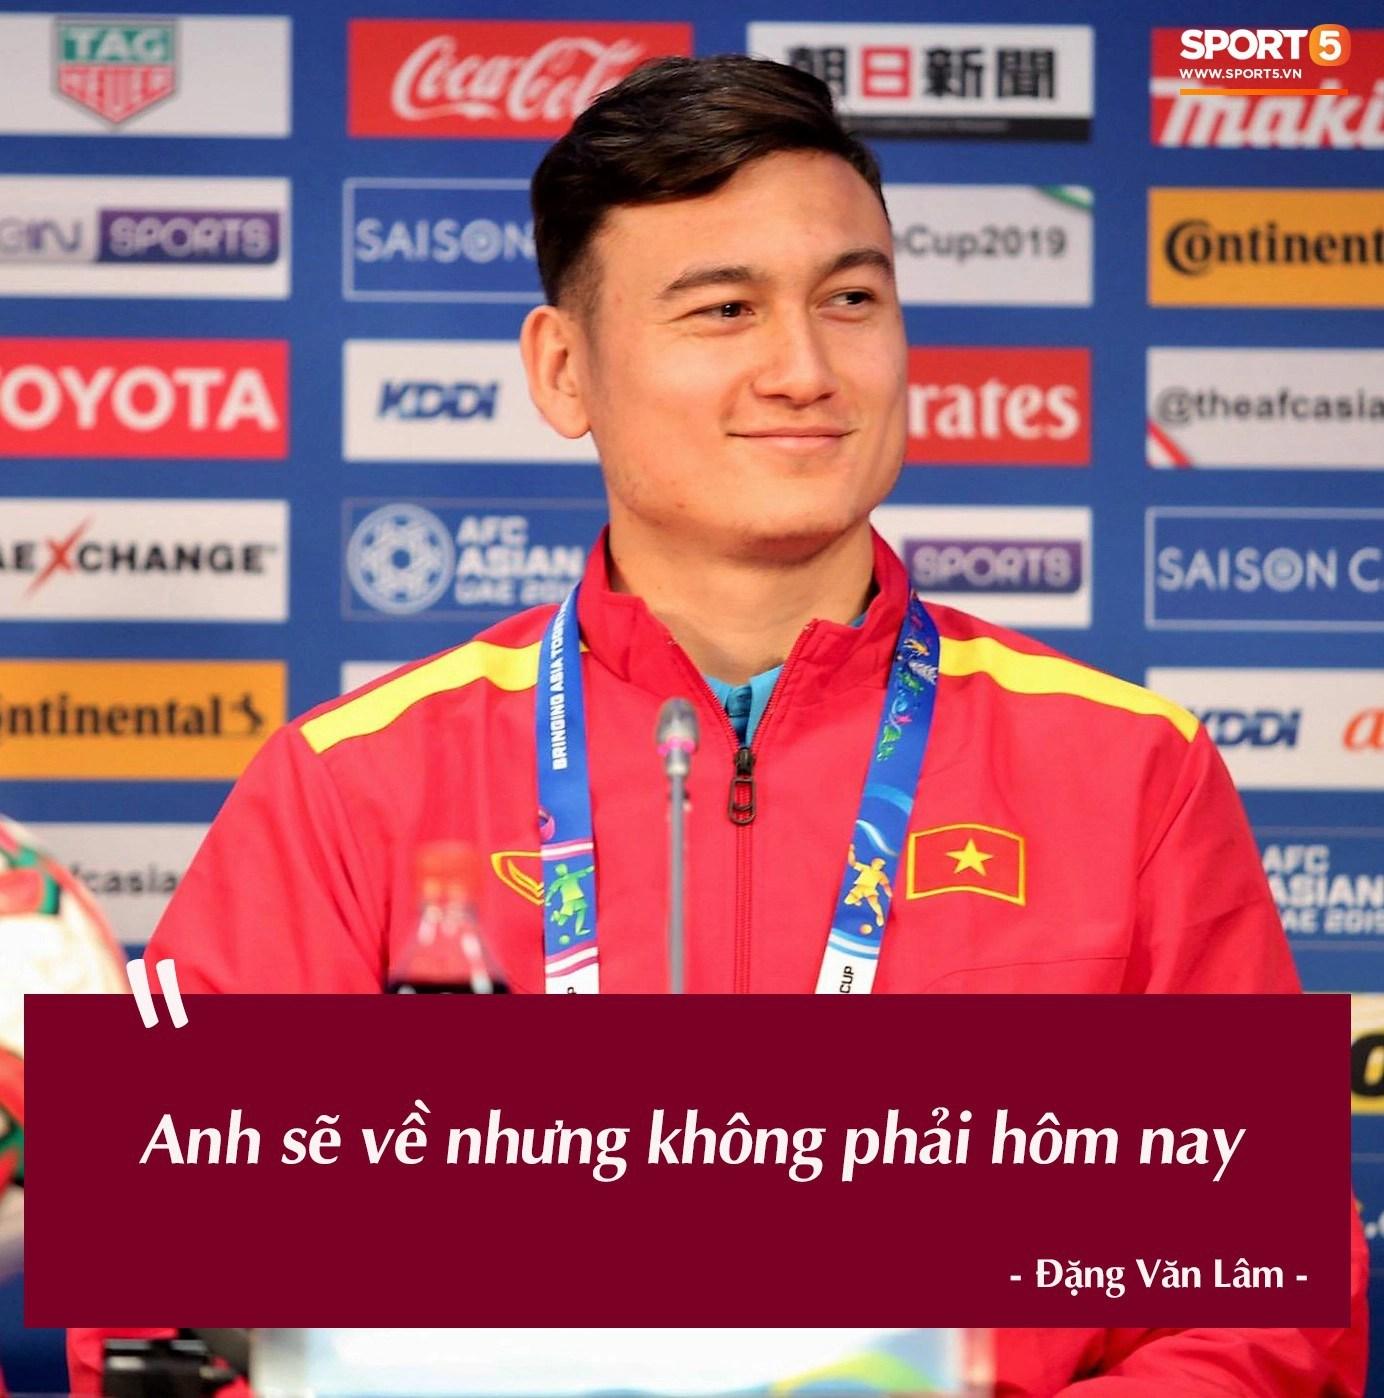 Trước vòng đấu loại trực tiếp Asian Cup 2019, Đặng Văn Lâm tuyên bố: Anh sẽ về nước, nhưng không phải hôm nay - Ảnh 8.